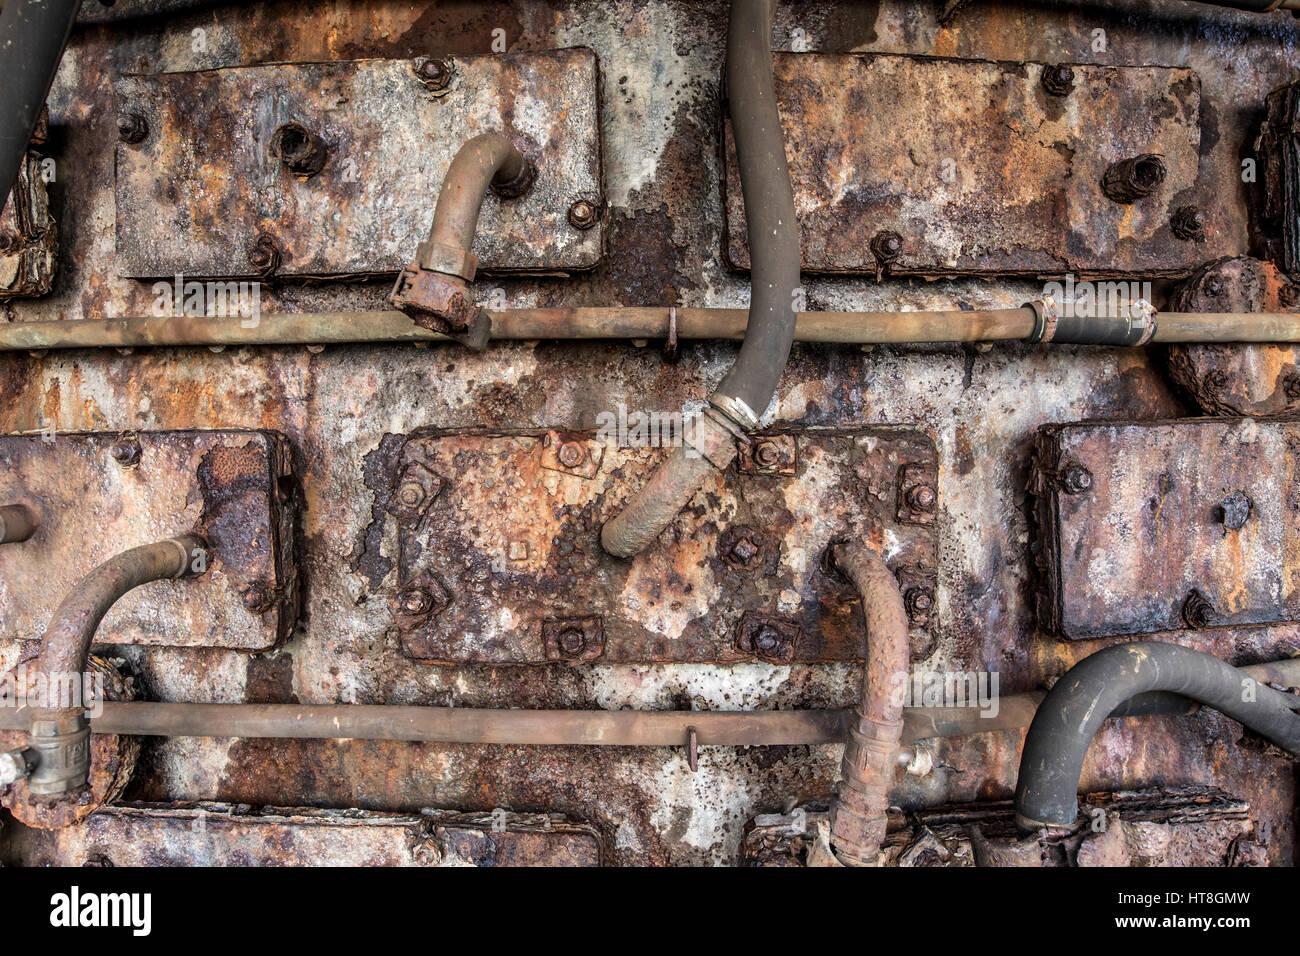 Henrichshütte, former steelworks, industrial museum, blast furnace, cooling system, Hattingen, Germany, - Stock Image